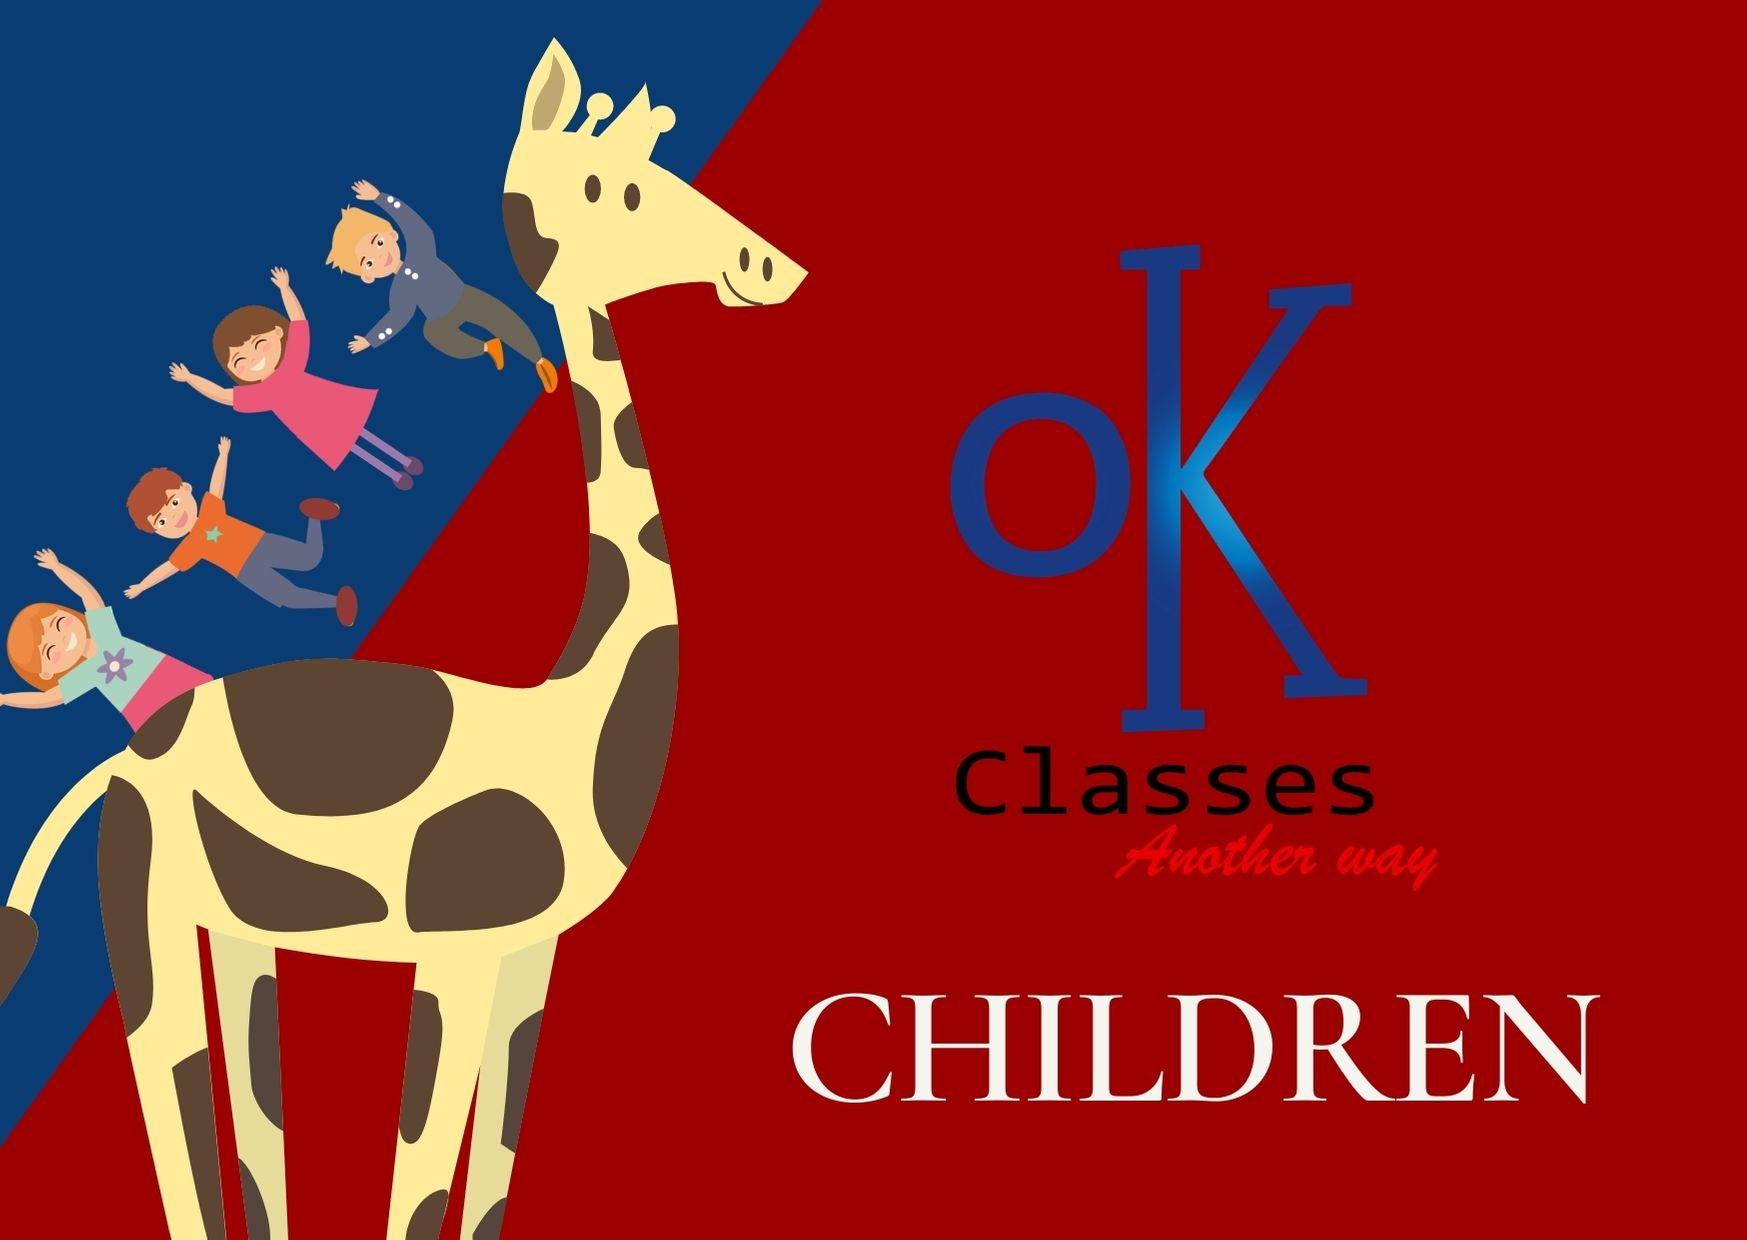 Ok Classes Children Group